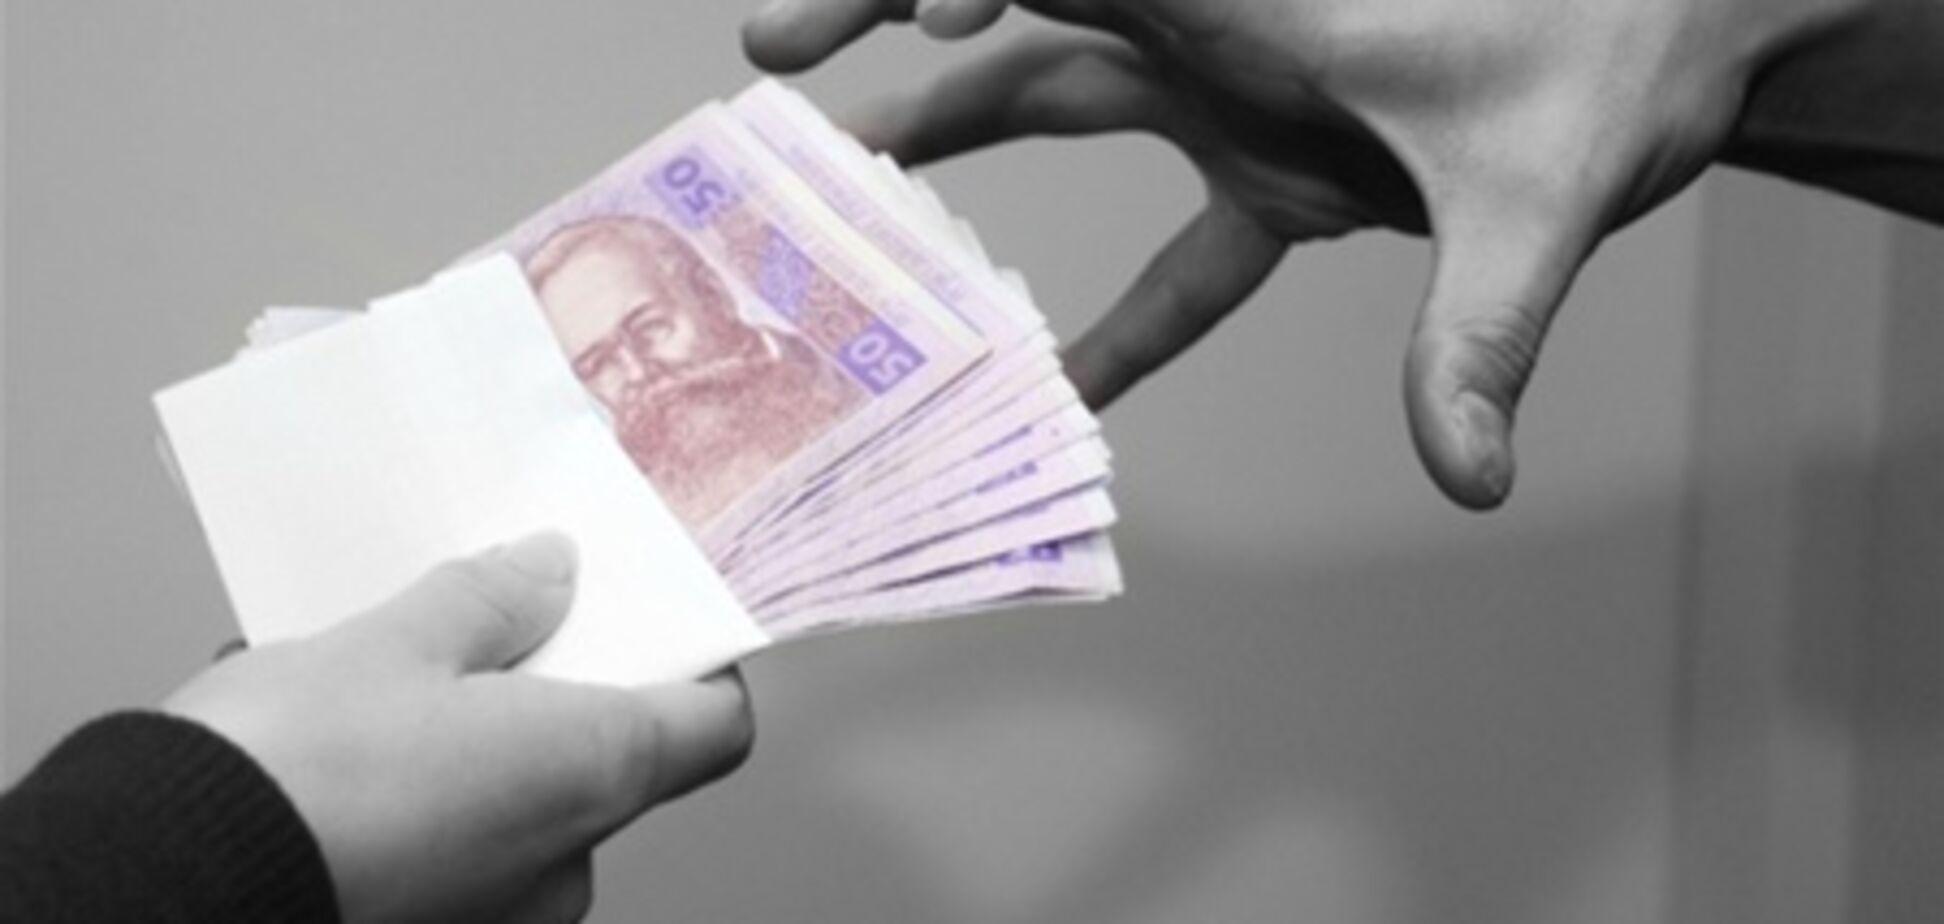 МВД объвило в розыск херсонского чиновника за взятку в 800 тыс грн